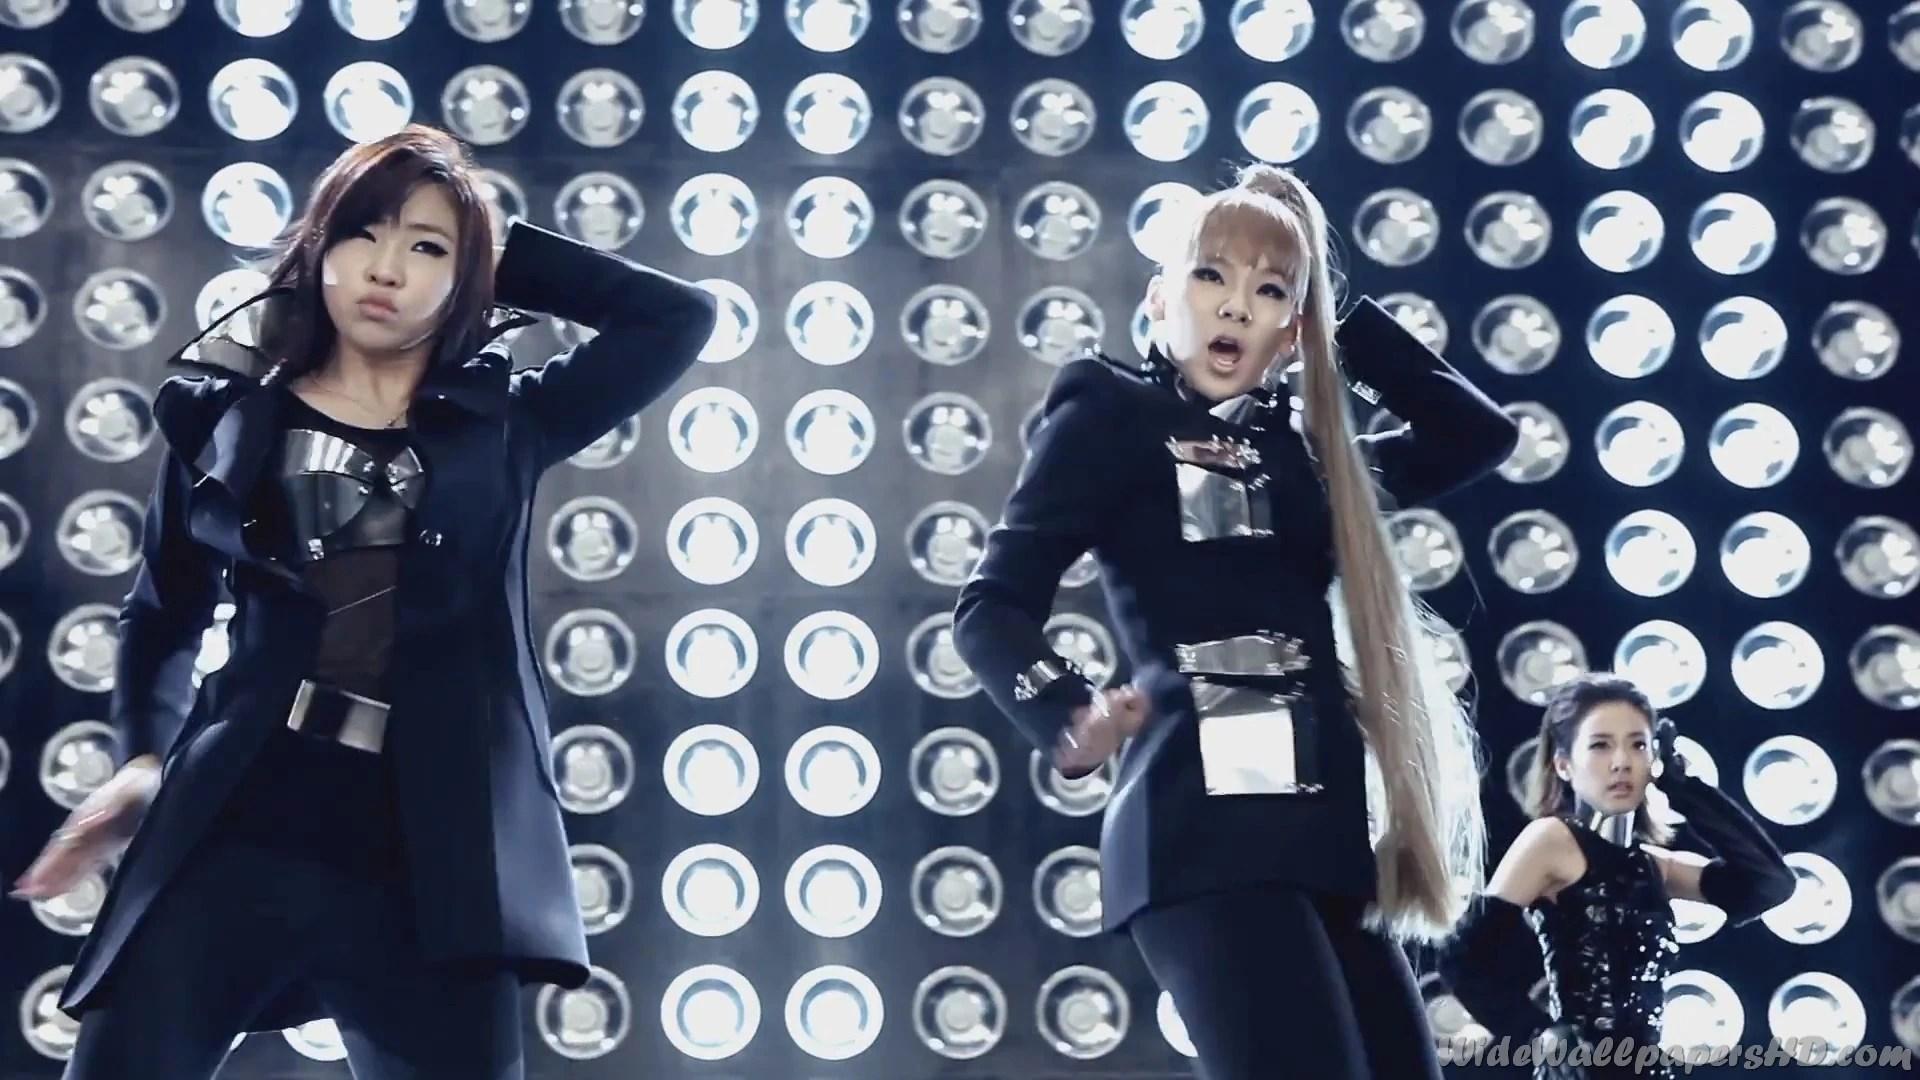 2ne1 Falling In Love Wallpaper Image Cl Sandara Park Gong Min Ji I Am The Best K Pop